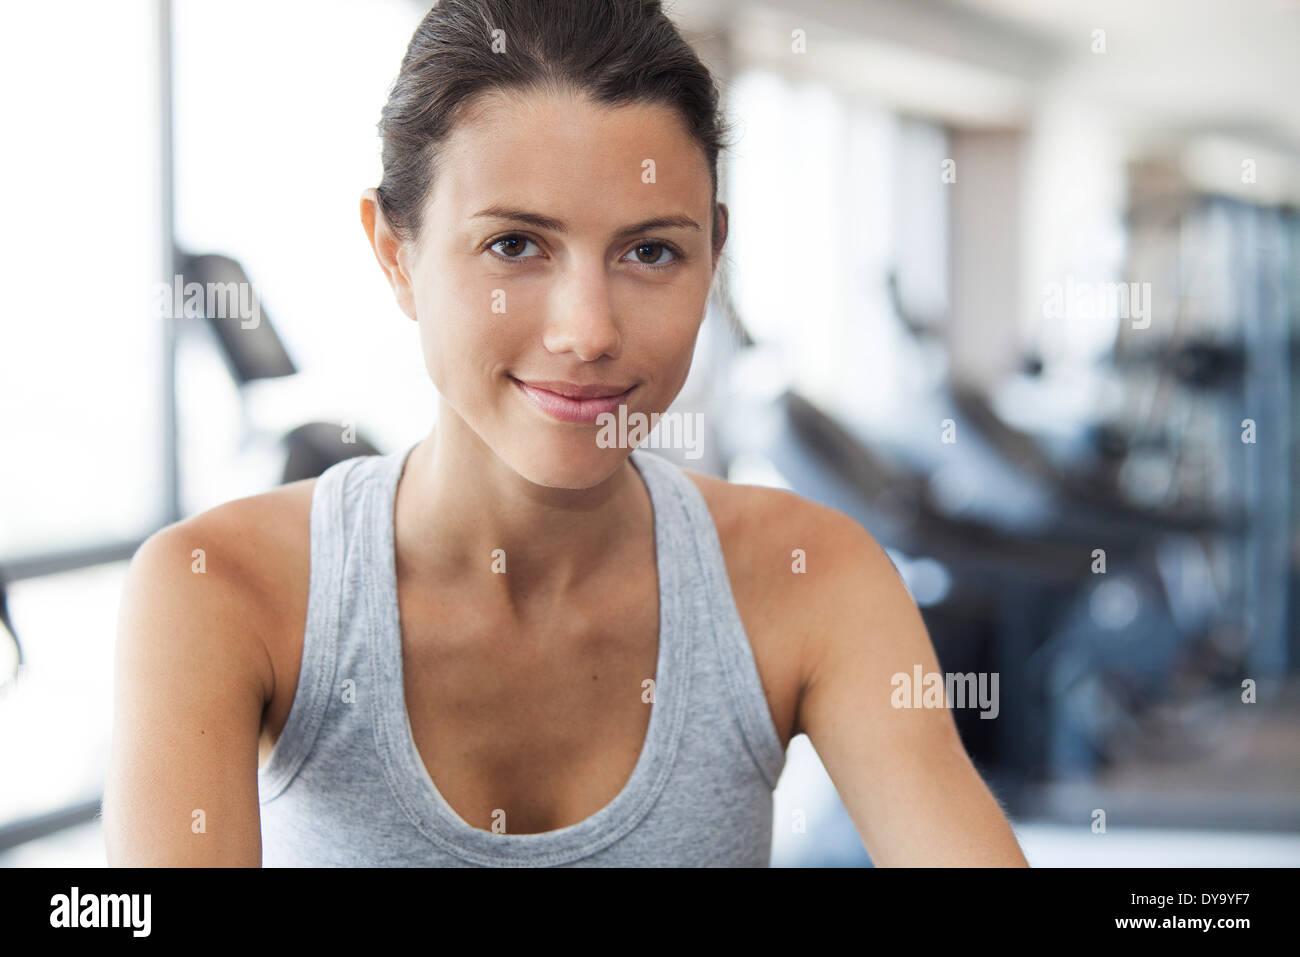 Jeune femme à l'aide de machine d'exercice à la salle de sport Photo Stock